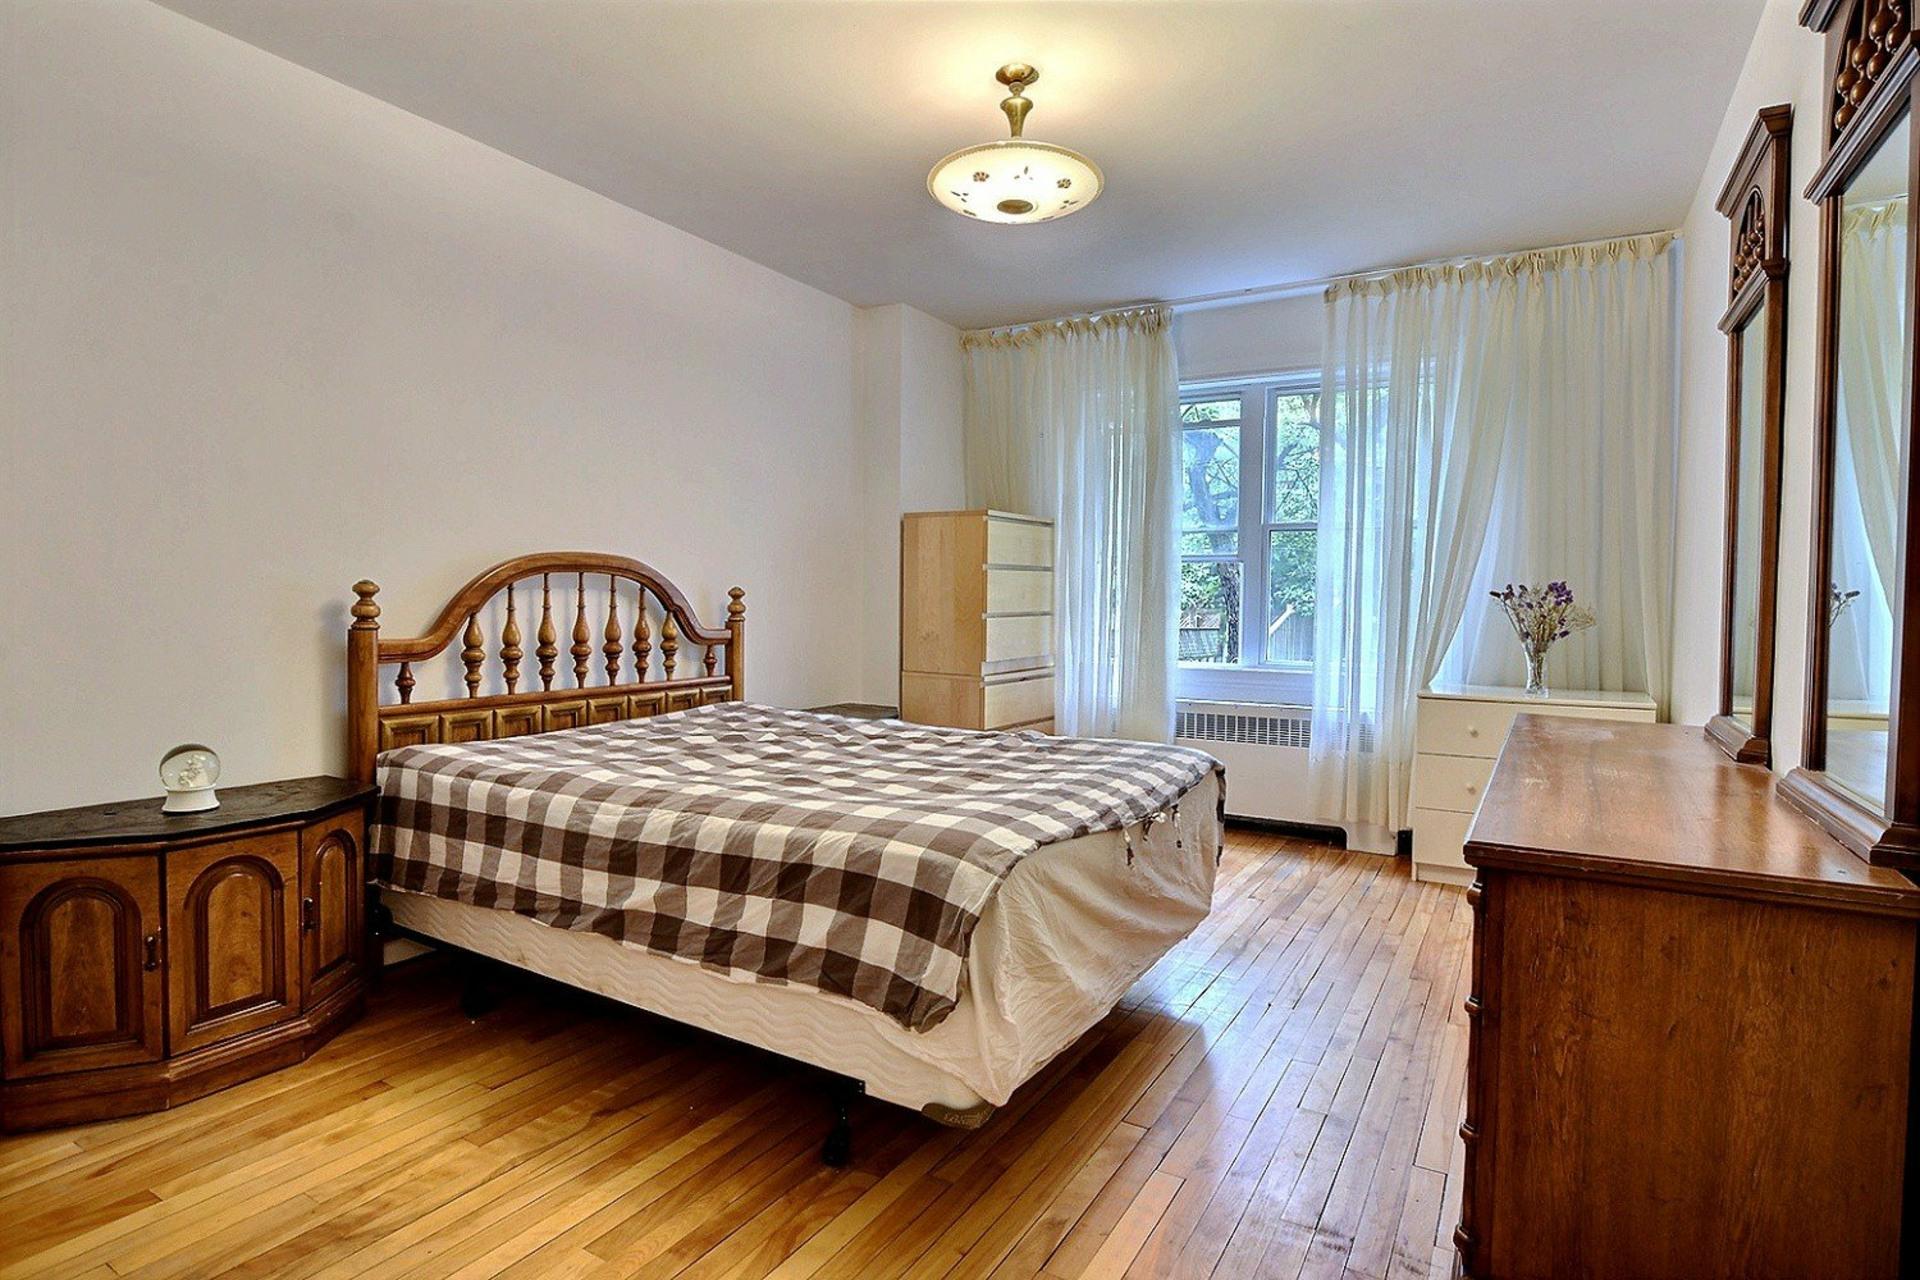 image 12 - Appartement À louer Côte-des-Neiges/Notre-Dame-de-Grâce Montréal  - 5 pièces